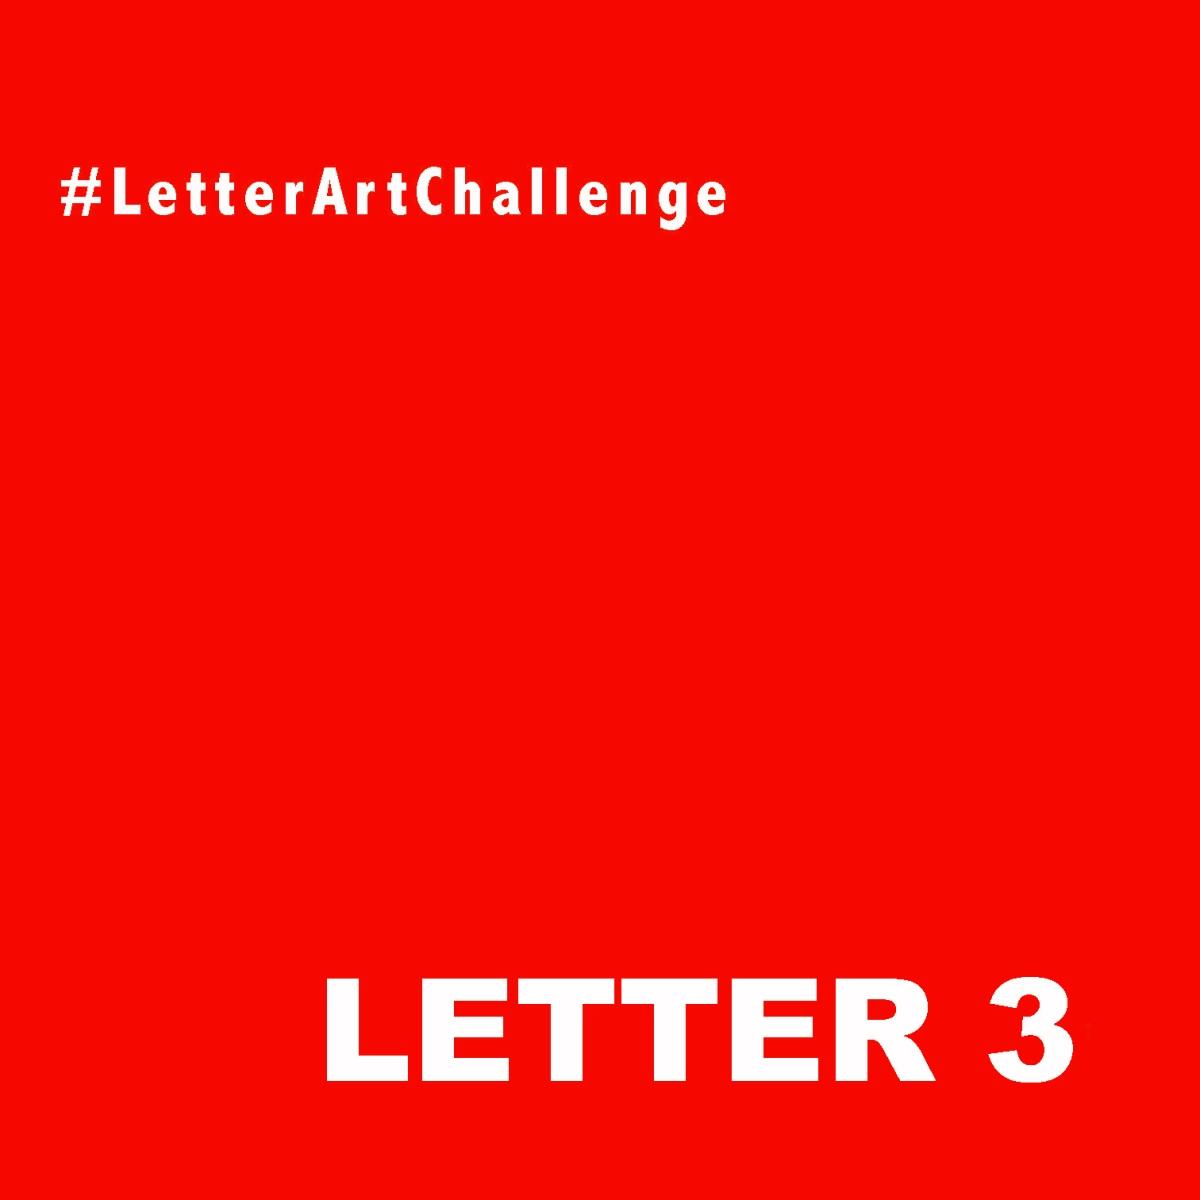 #LetterArtChallenge - Letter 3